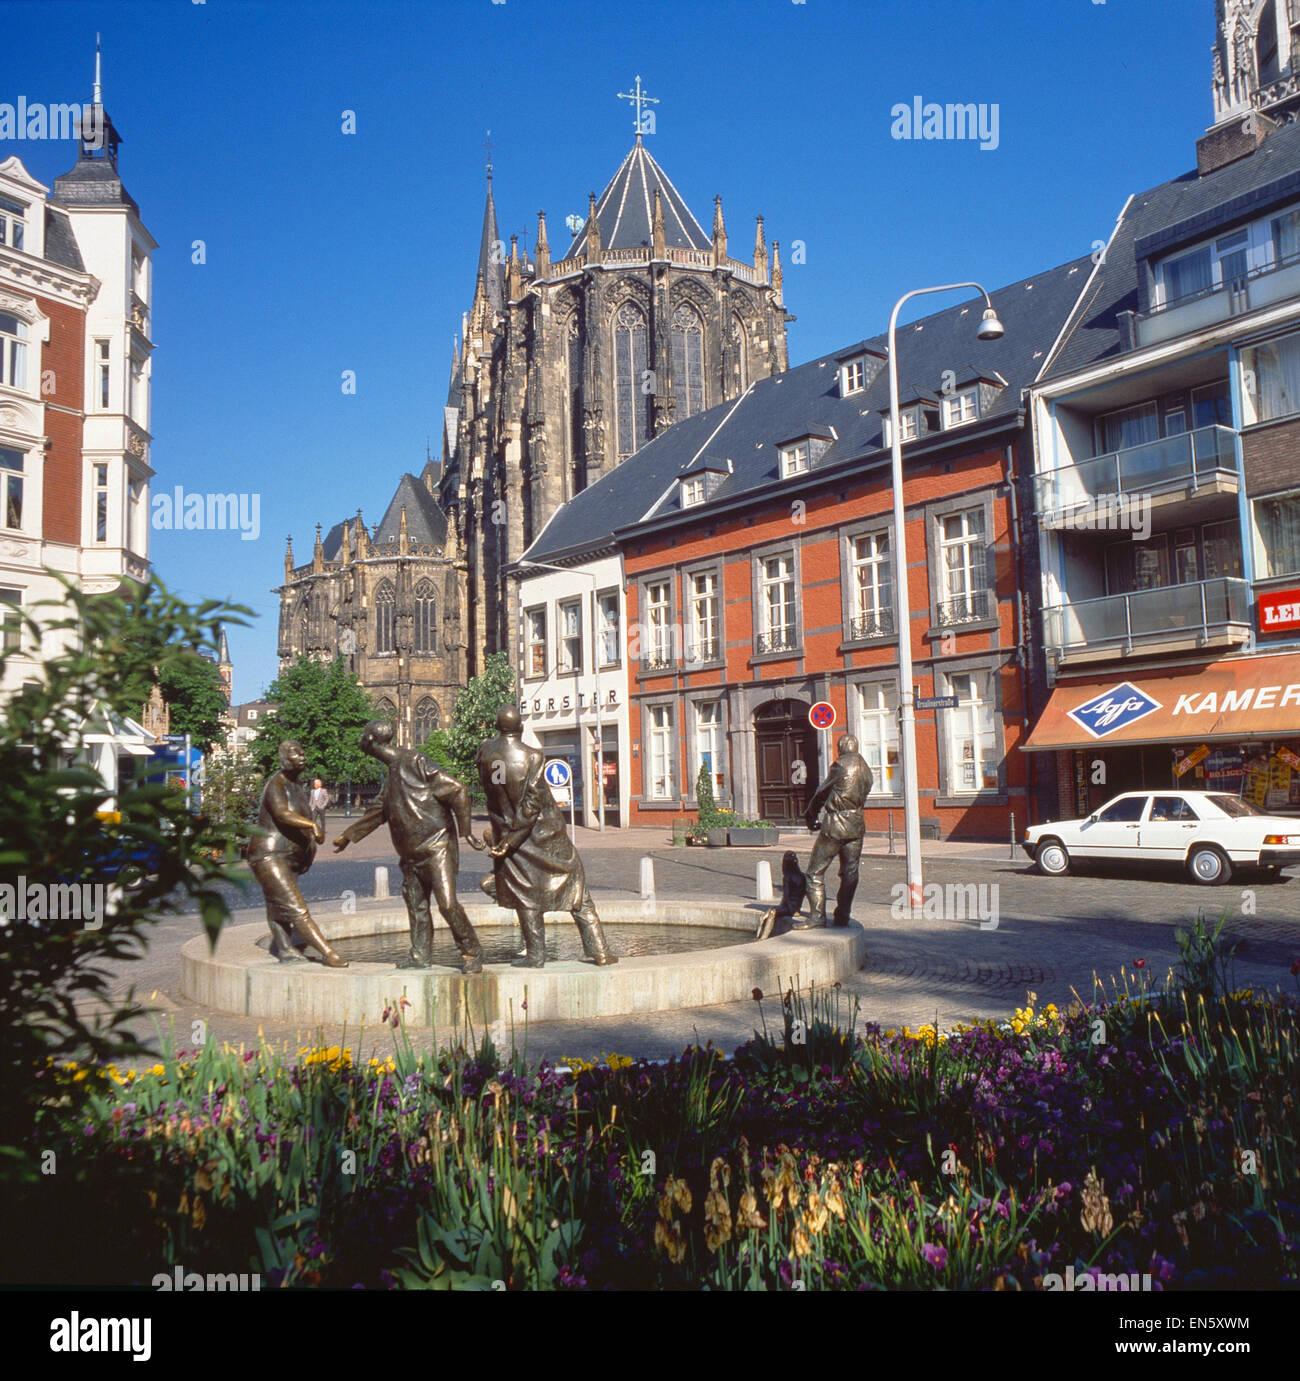 Deutschland, Nordrhein-Westfalen, Aachen, Aachen, Dom, Teilansicht Stockbild